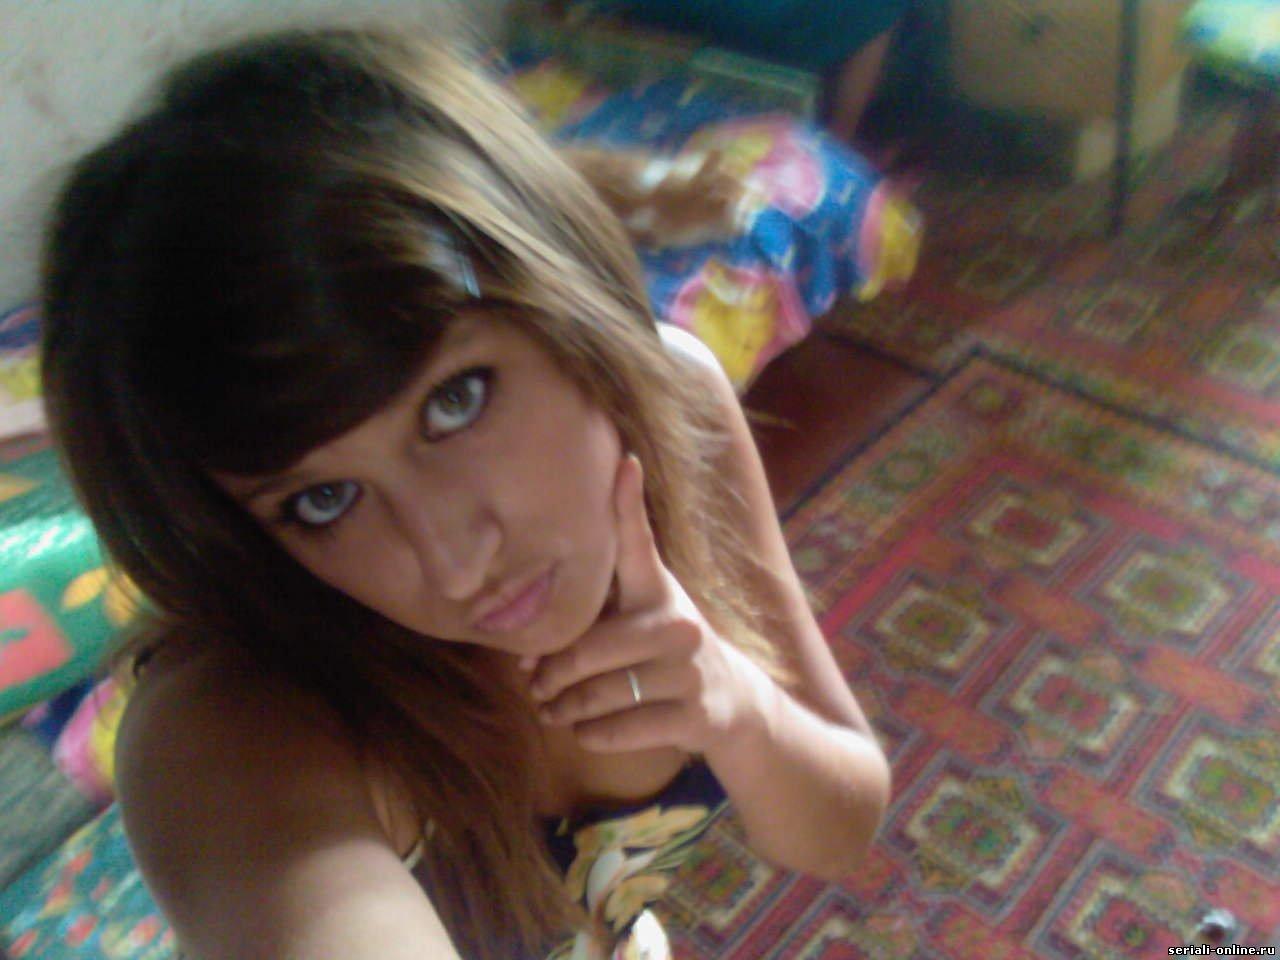 Секс знакомства казахстан город петропавловск без регистрацие и смс фото 30 фотография